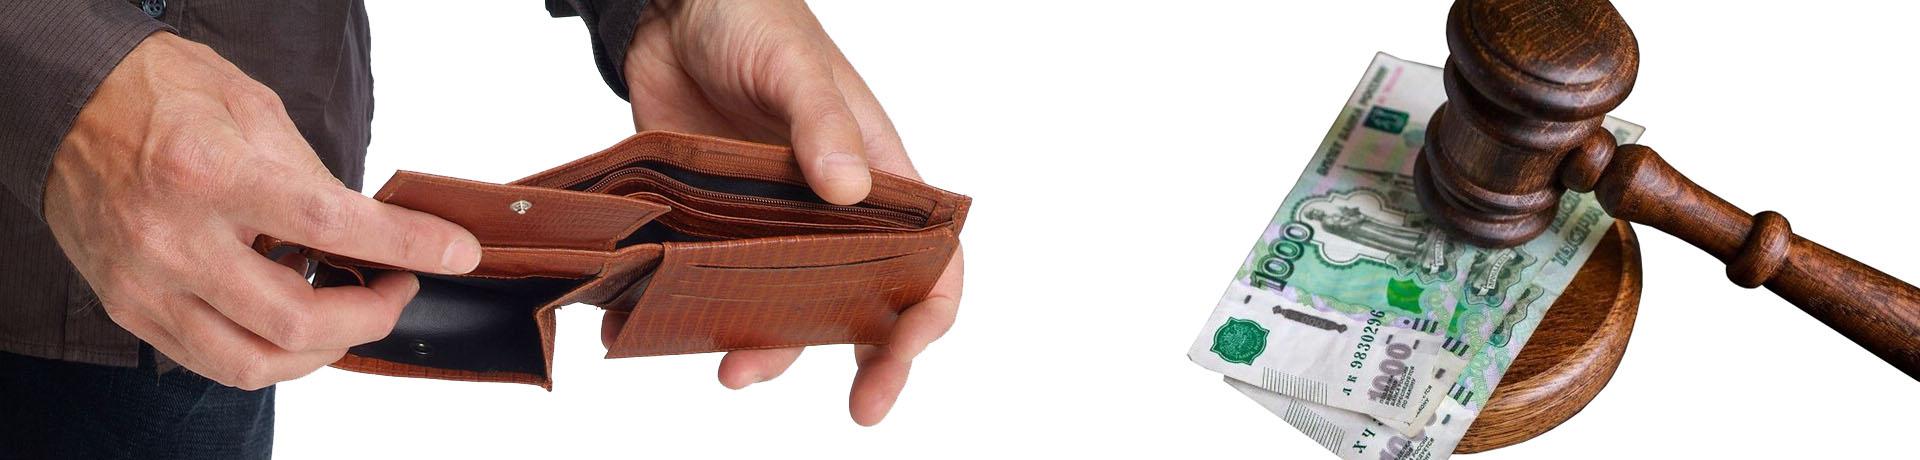 Внесудебное банкротство - Банкротство юридических и физических лиц в Сургуте